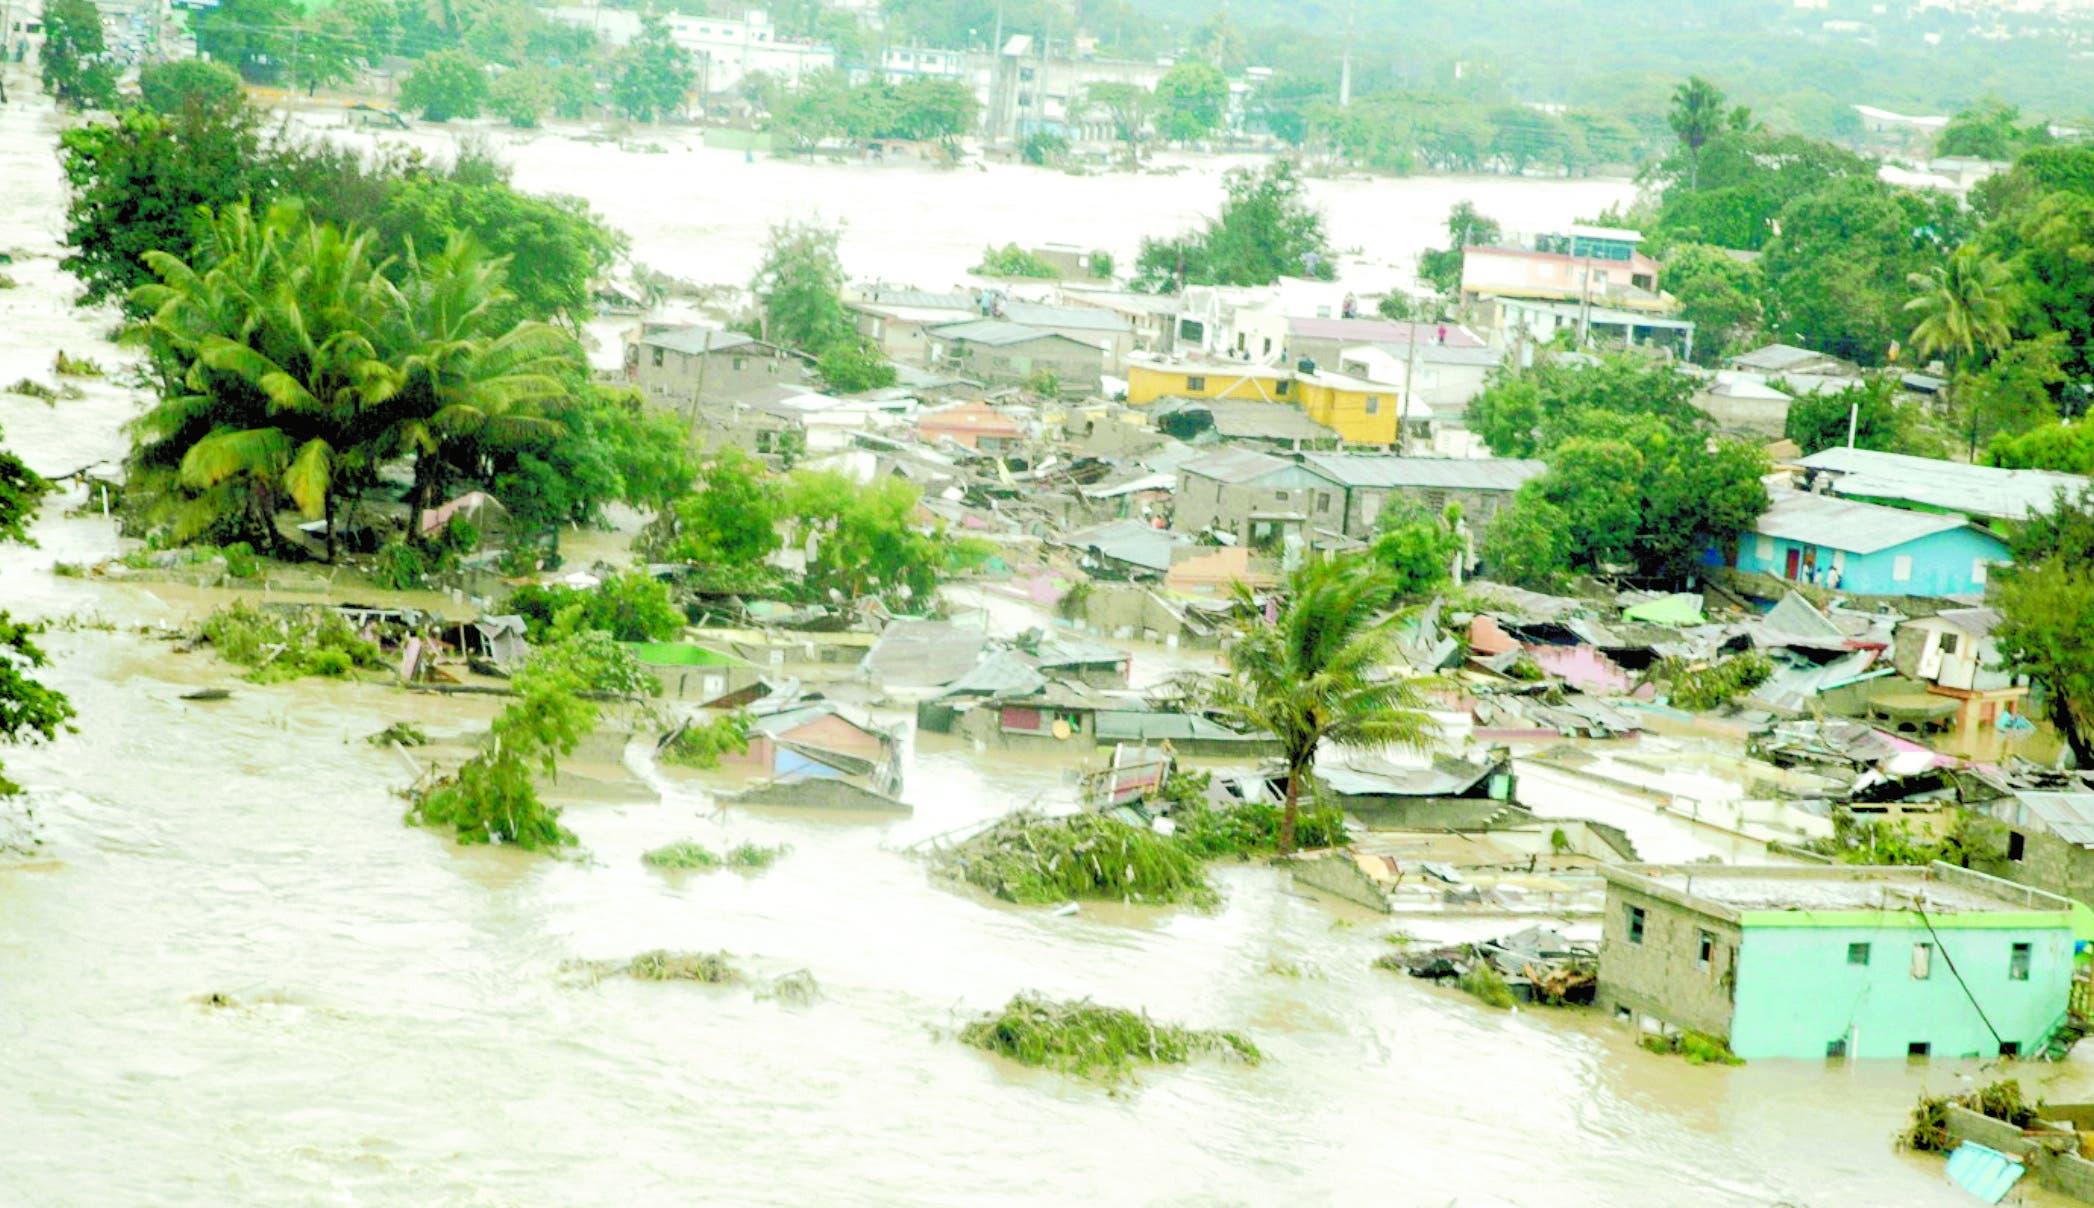 Inundaciones provocadas por el desbordamiento del río Yaque del Norte debido a la tormenta Olga  ocurrida en 2007.